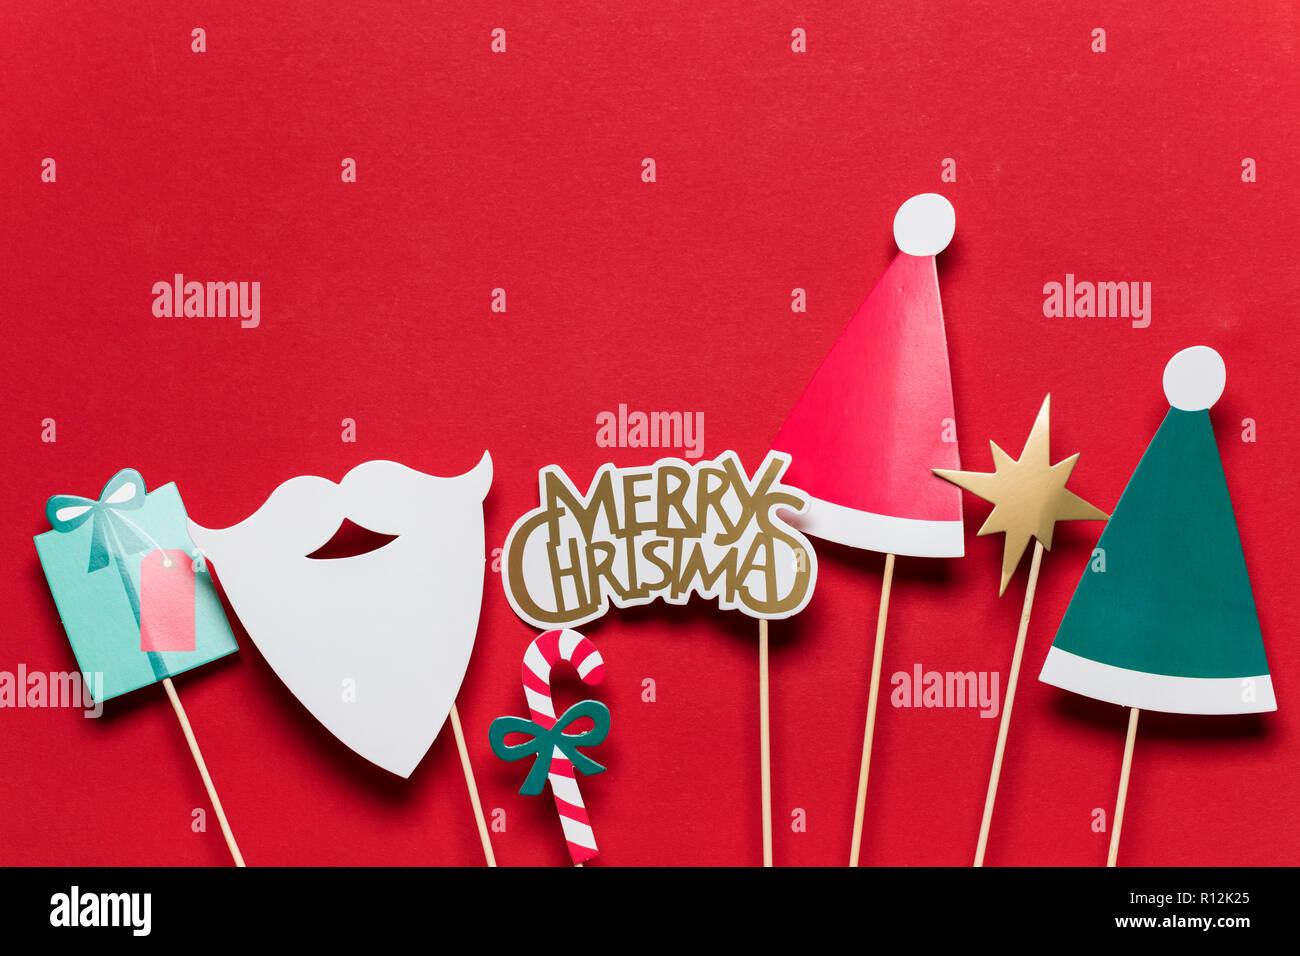 Photo Booth Weihnachten.Weihnachten Photo Booth Requisiten Auf Rotem Hintergrund